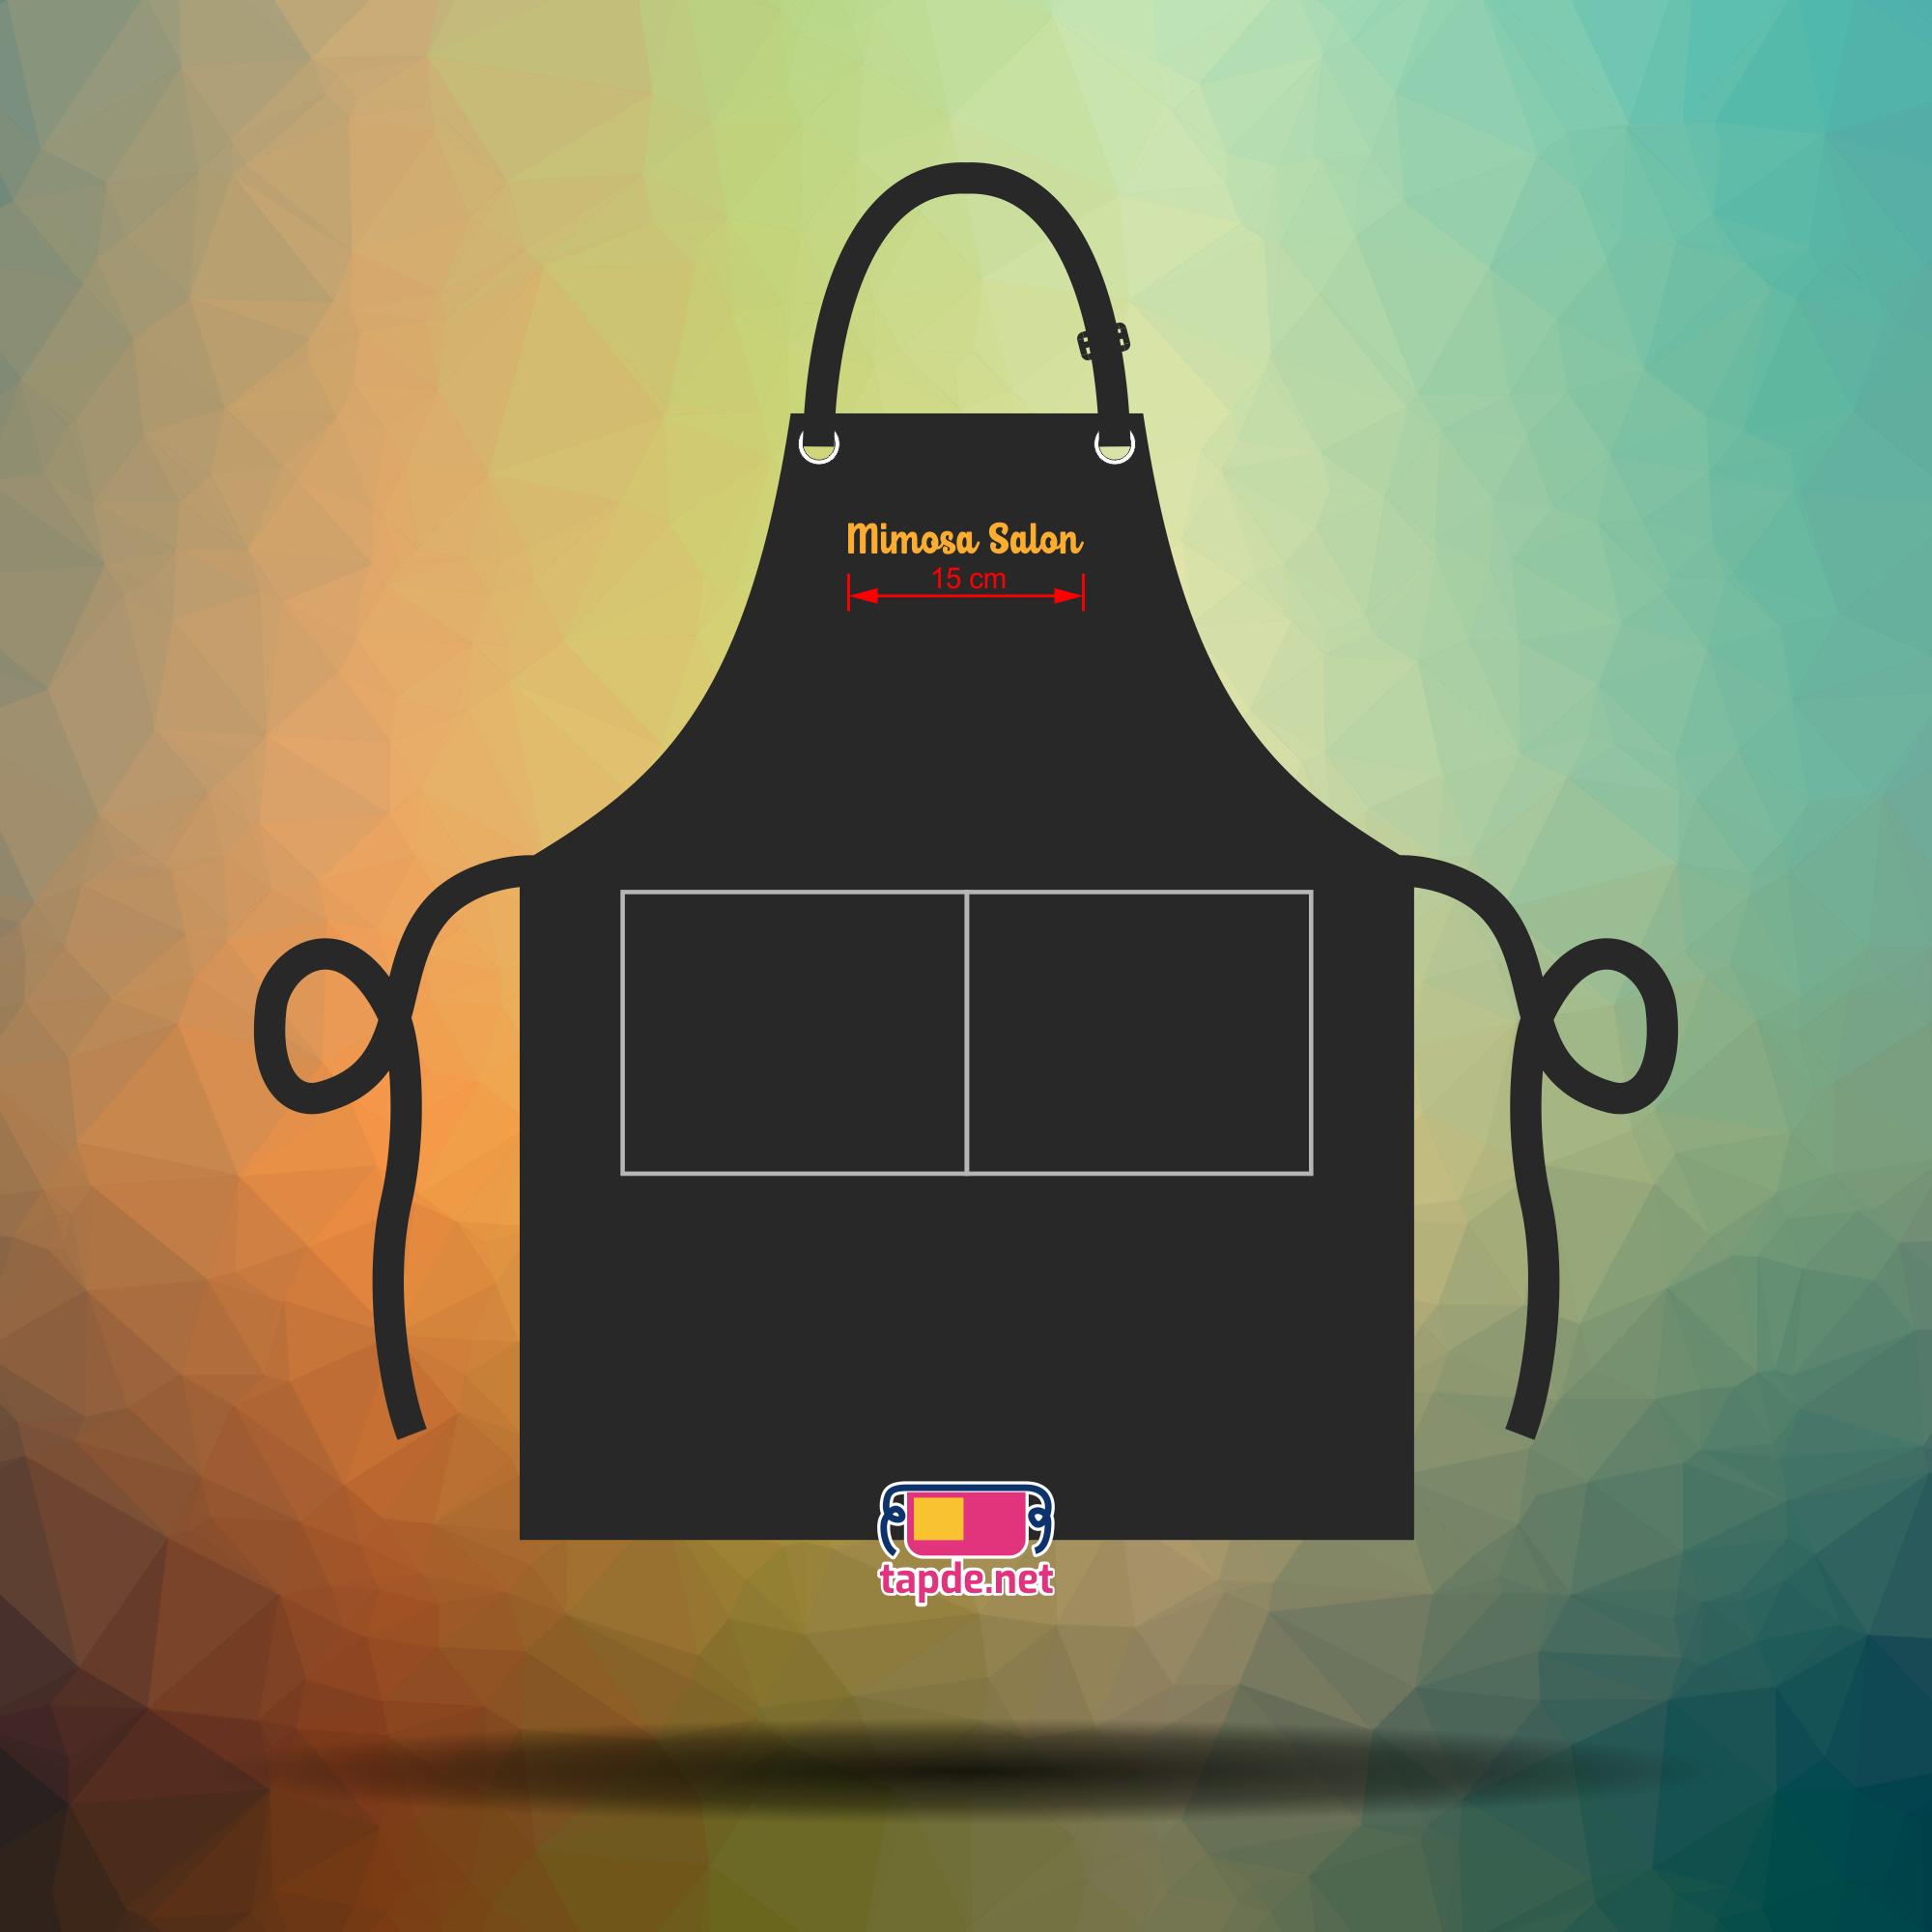 Đồng phục tạp dề nhân viên Tiệm Salon Mimosa